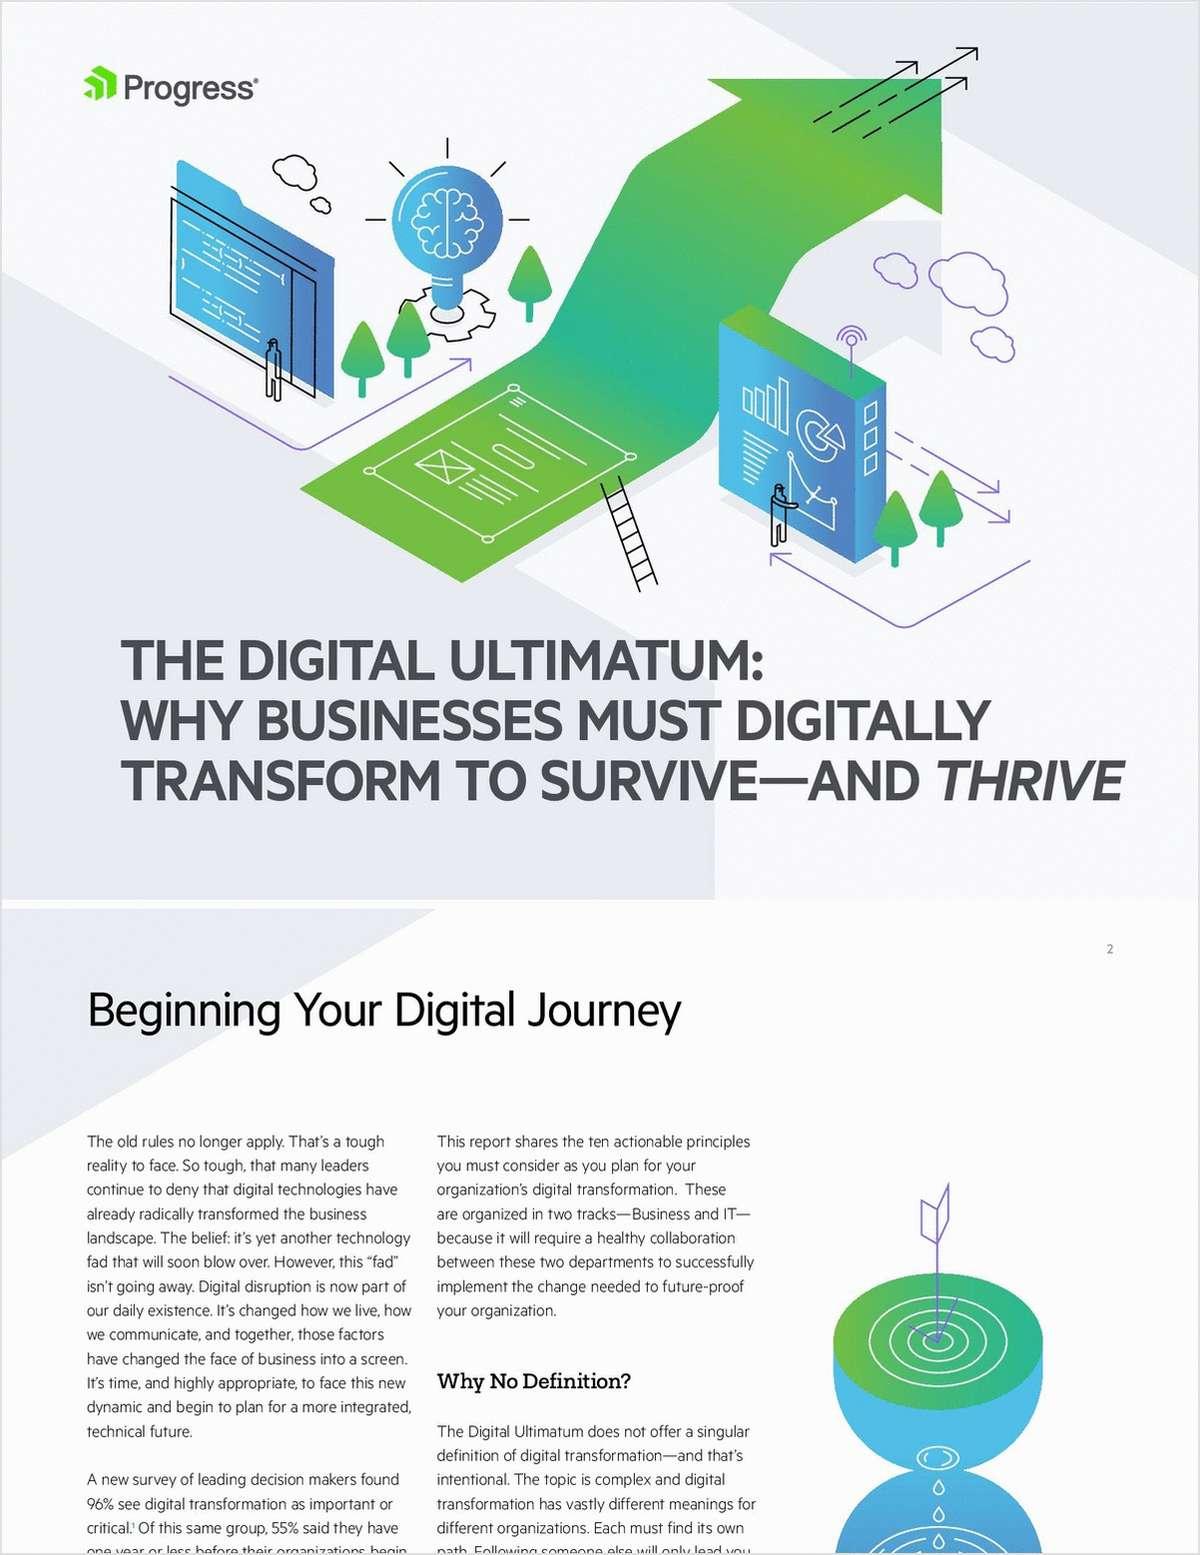 Transforming Experiences - The Digital Ultimatum